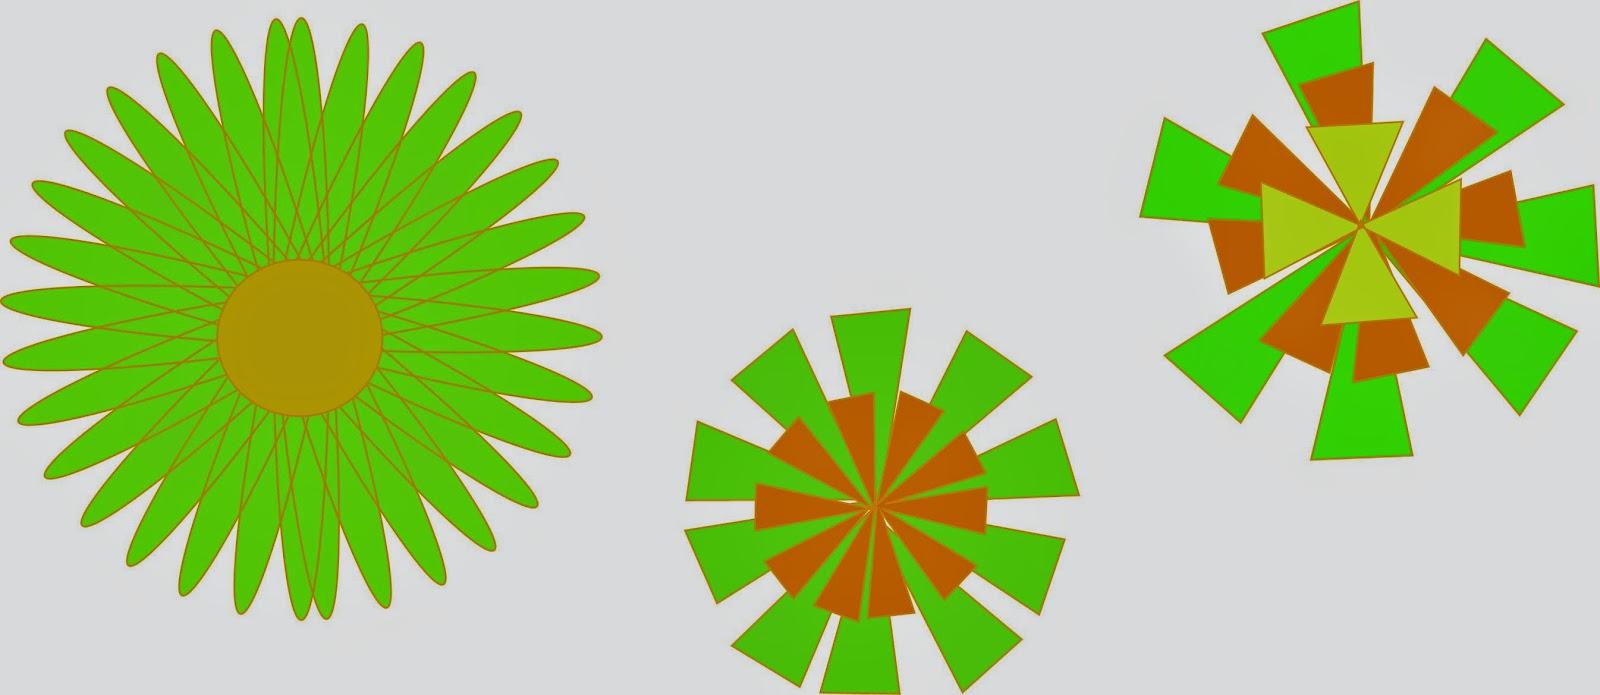 Dise o grafico conceptual 1 evidencias mesa 4 for Mesa diseno grafico